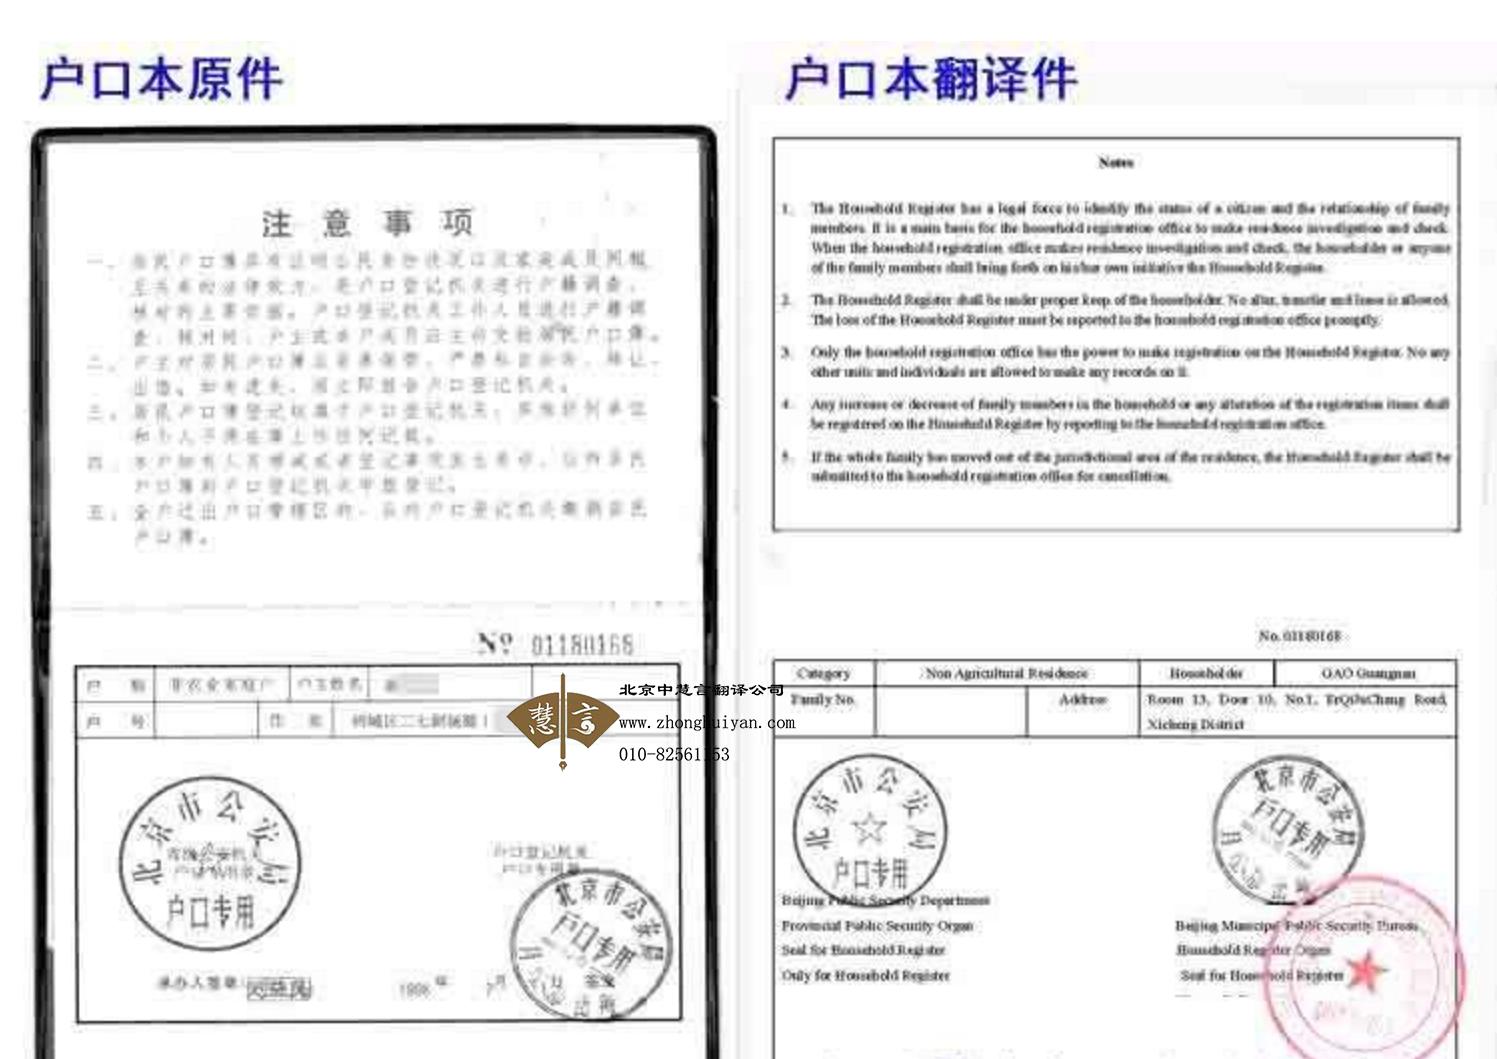 美国签证户口本翻译一页需要多少钱